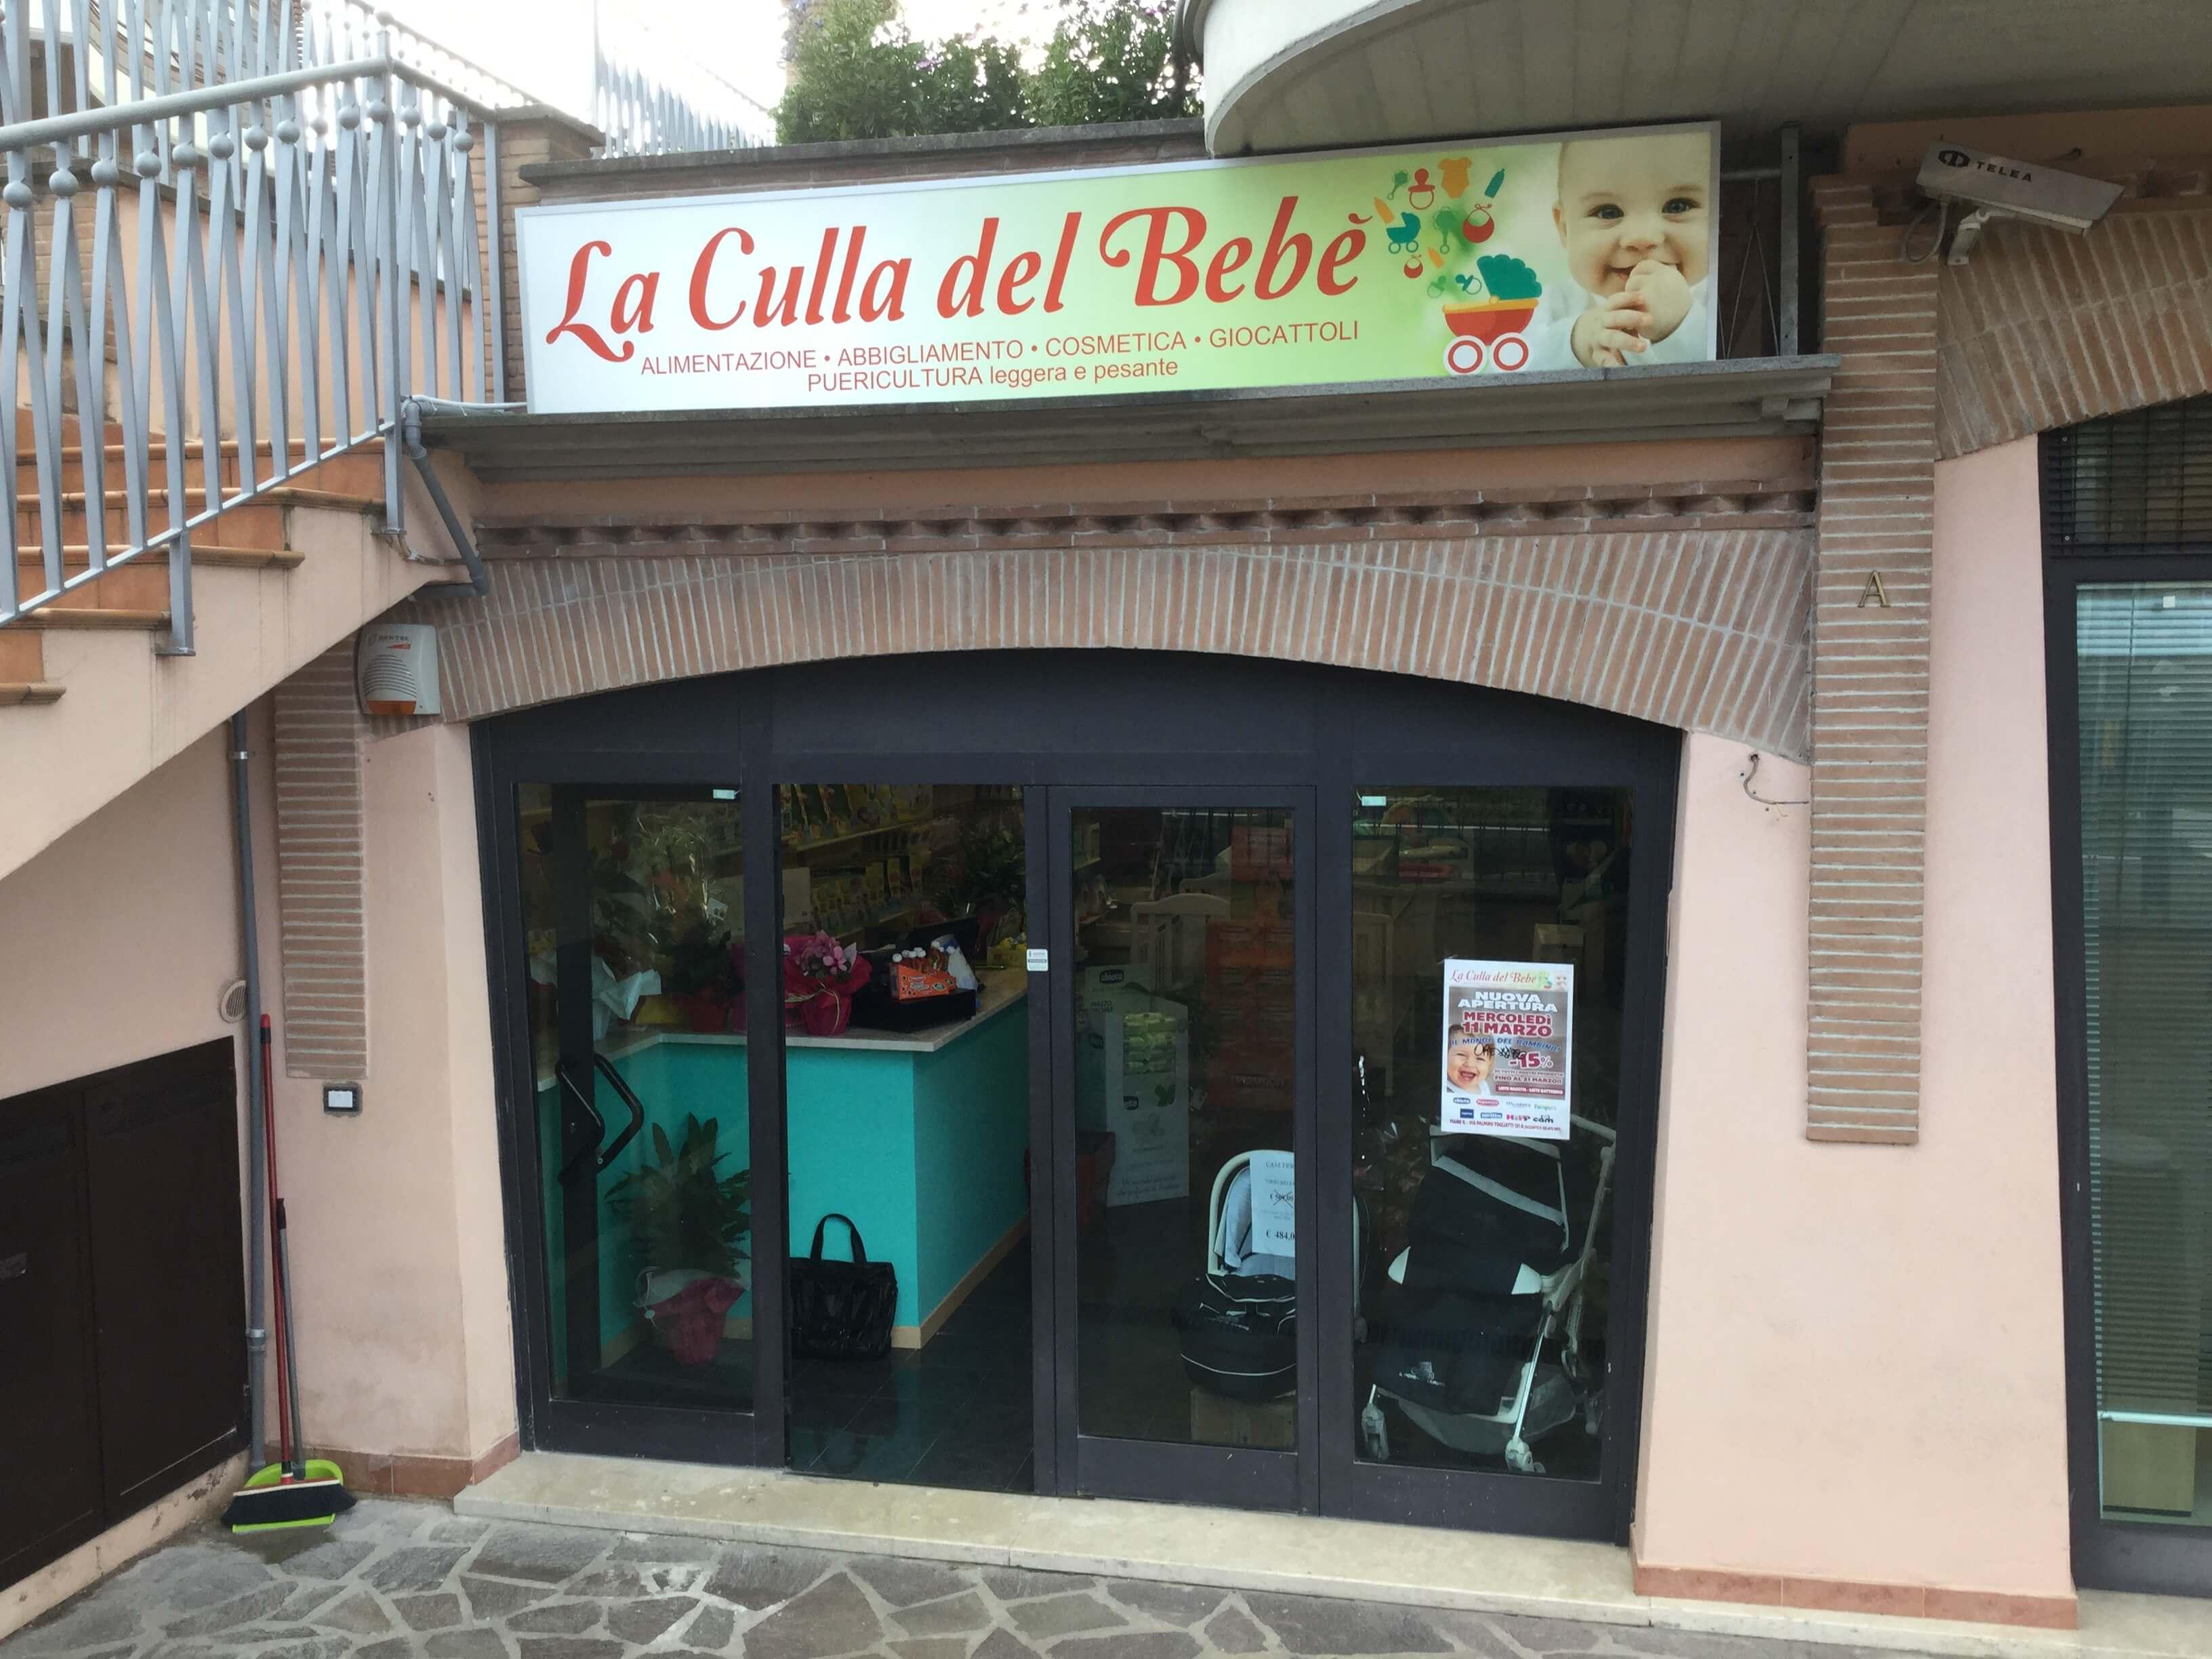 Ristrutturazioni-La-Culla-del-bebè-Fiano-Romano-new1 (1)